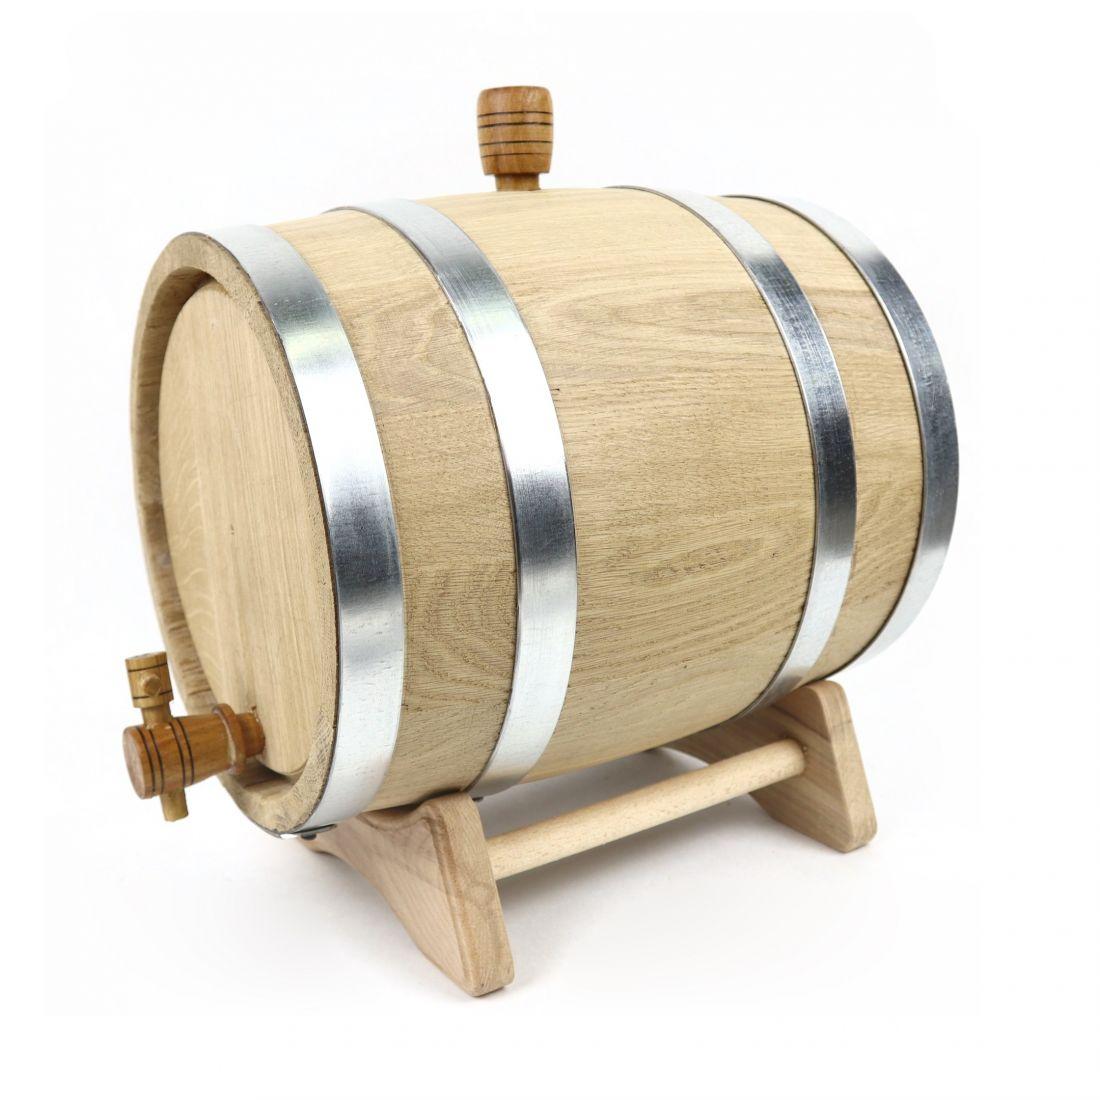 Бочка дубовая Стандарт (черешчатый дуб), 10 литров